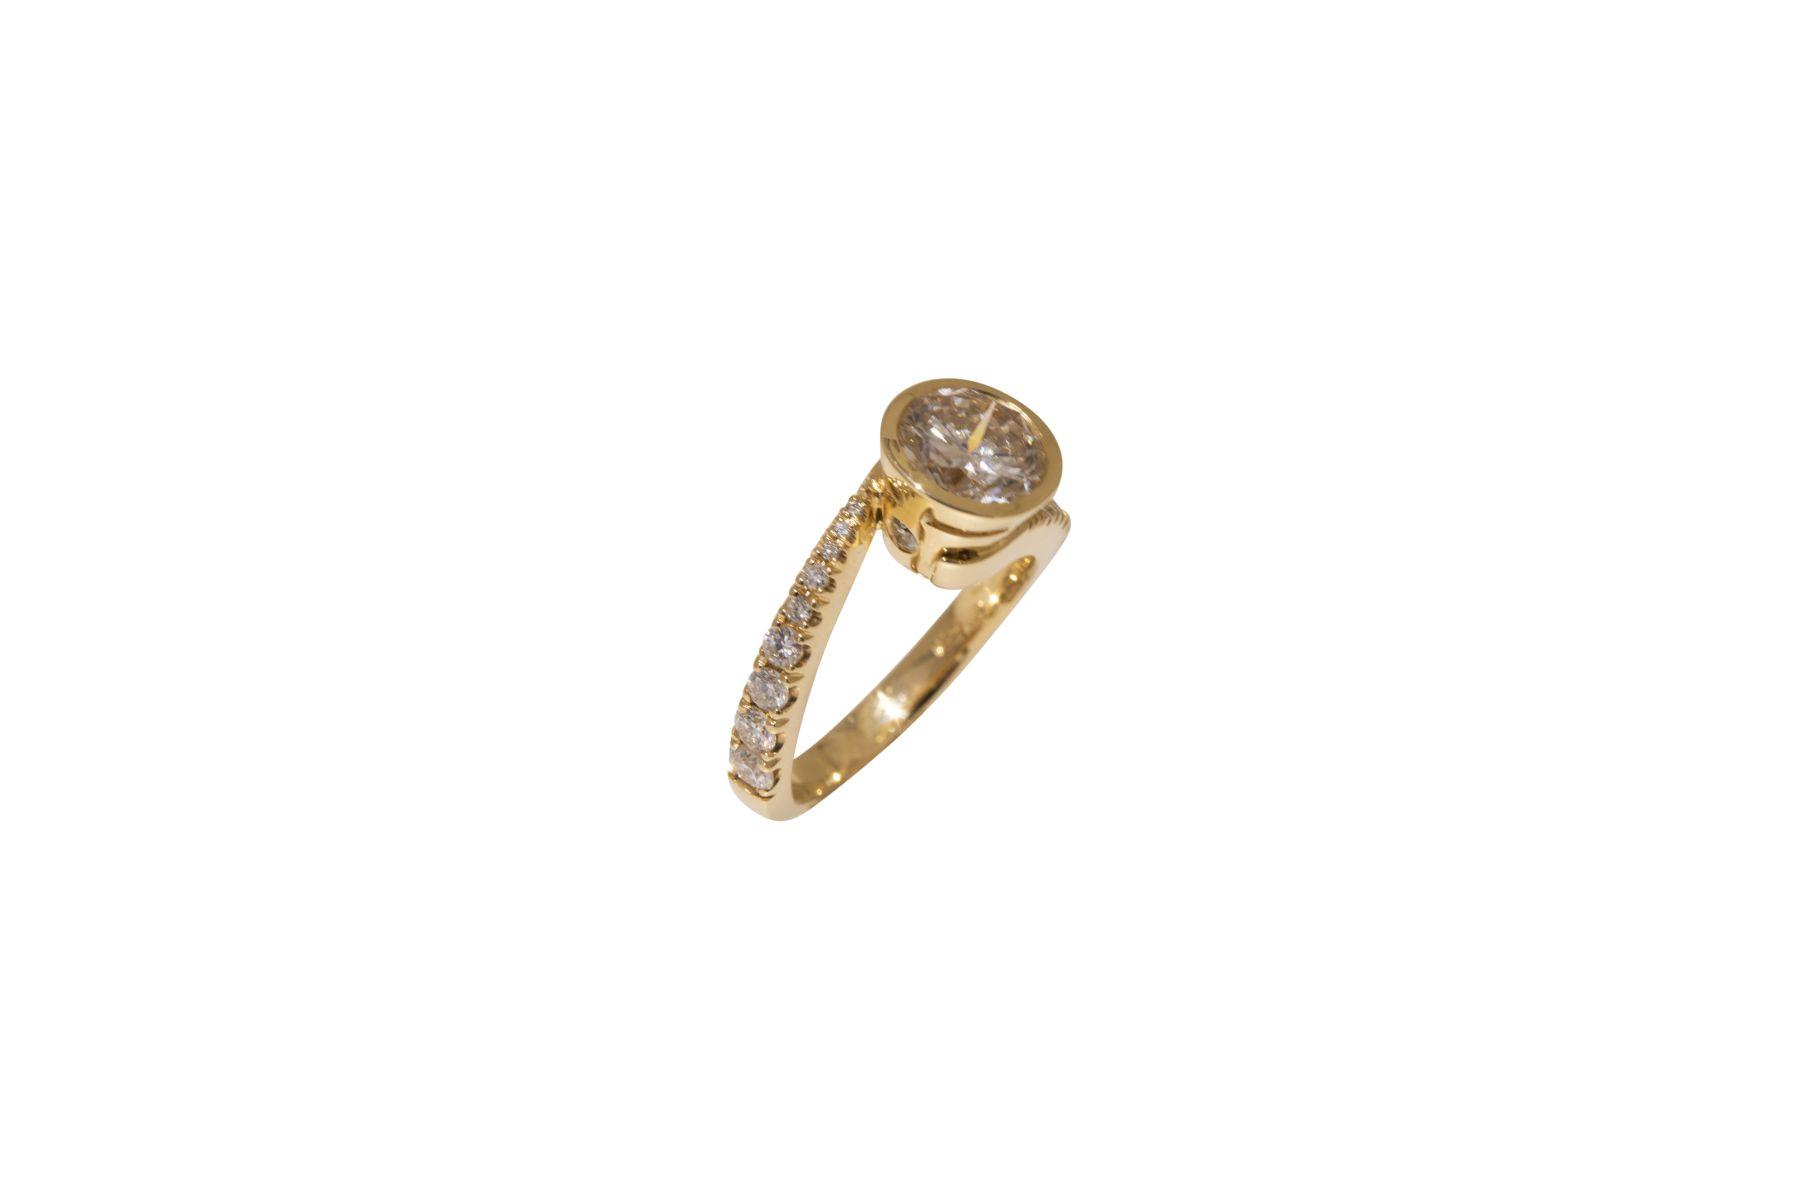 #128 Ring | Ring Image